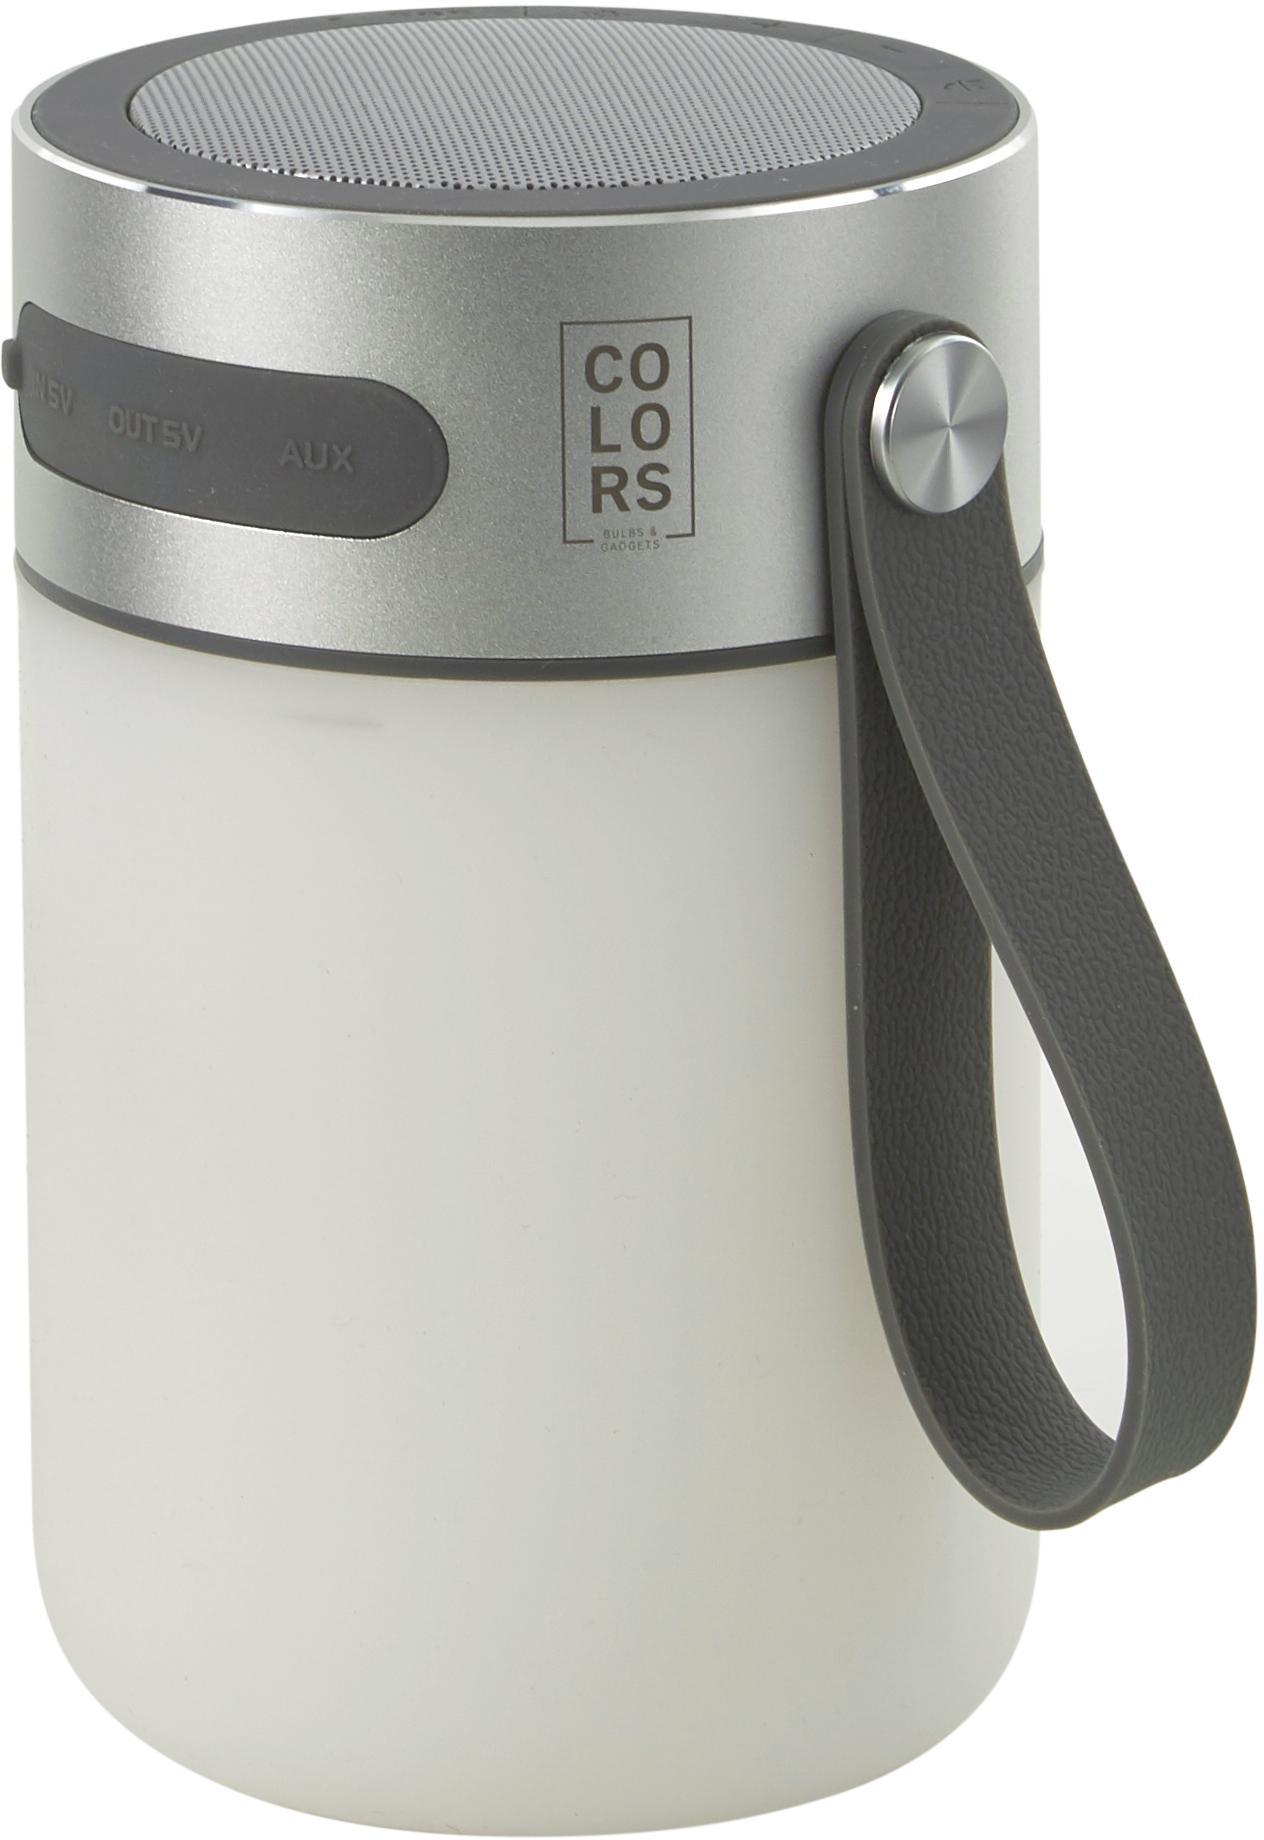 Lámpara LED para exterior con altavoz Sound Jar, portátil, Estructura: metal, Pantalla: plástico, Plateado, blanco, Ø 9 x Al 14 cm